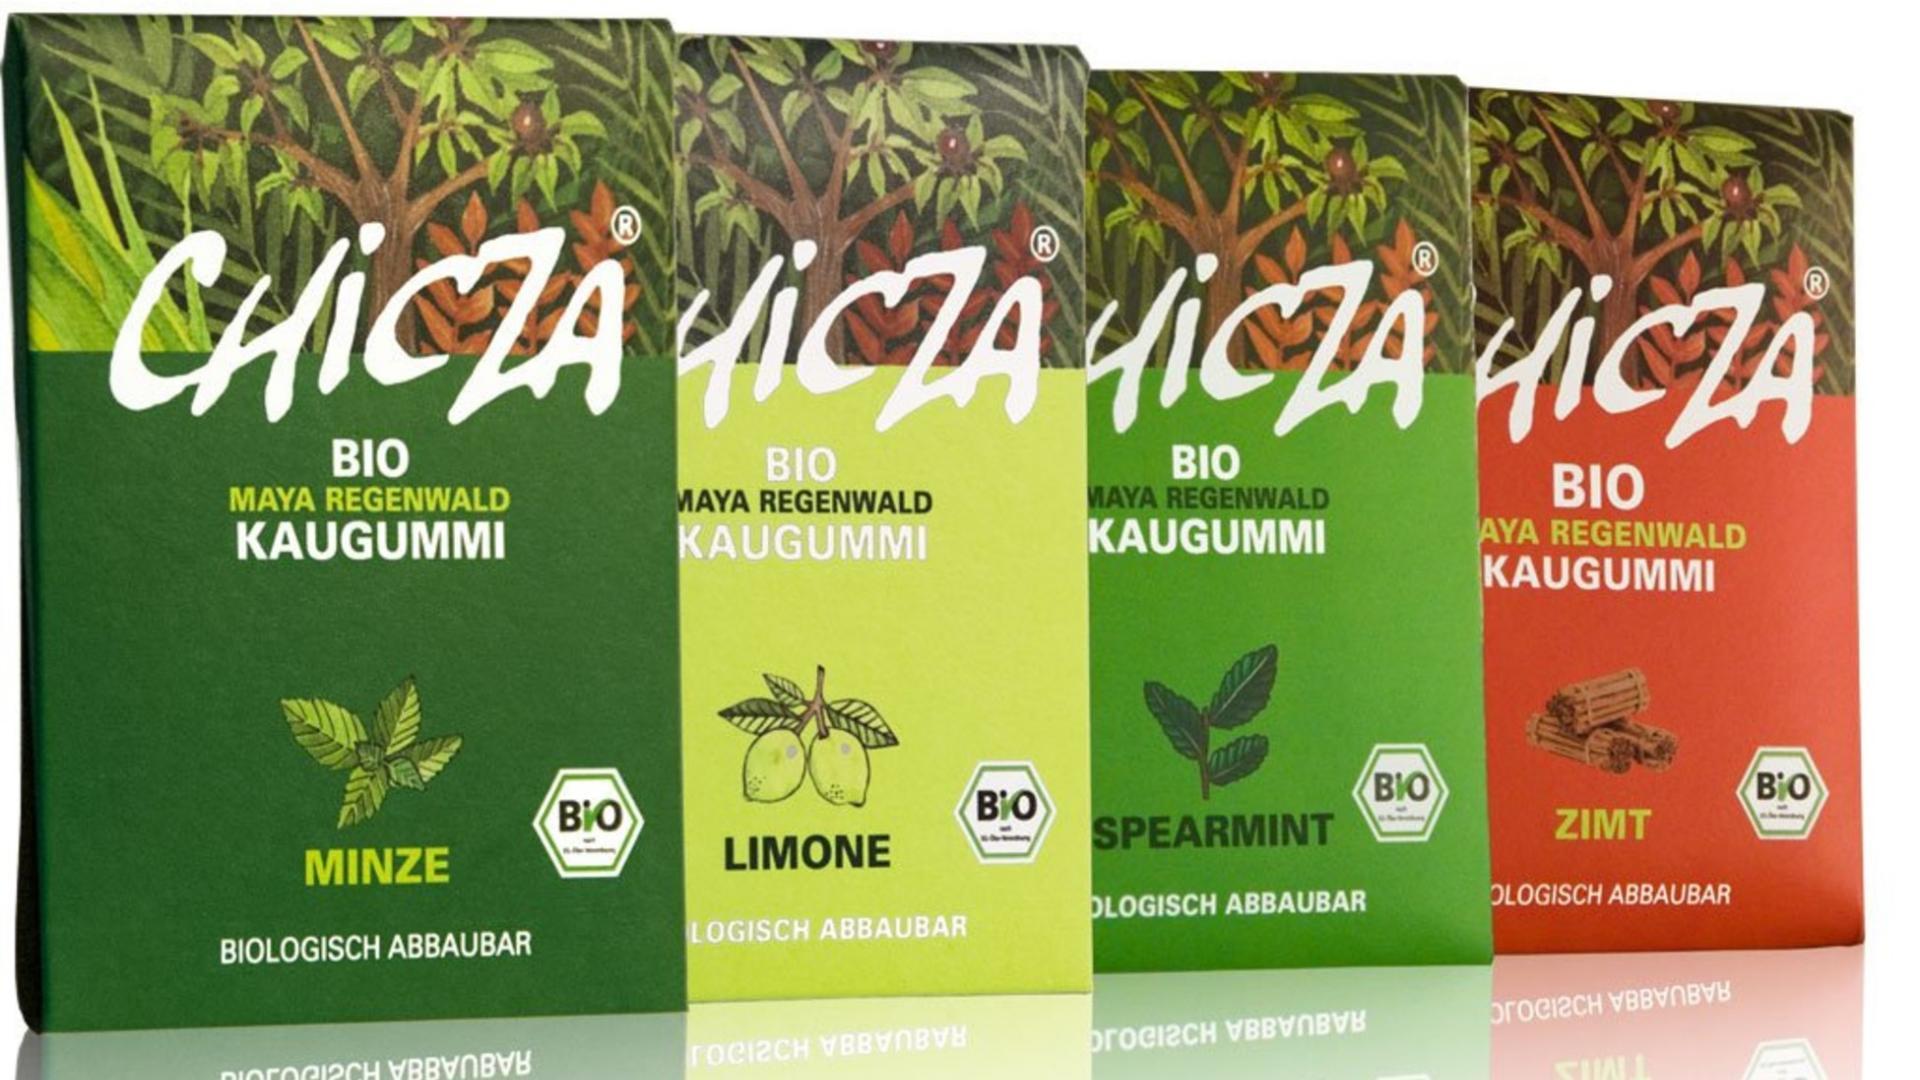 Chicza: Das mexikanische Produkt setzt sich für den Erhalt des Regenwaldes ein.